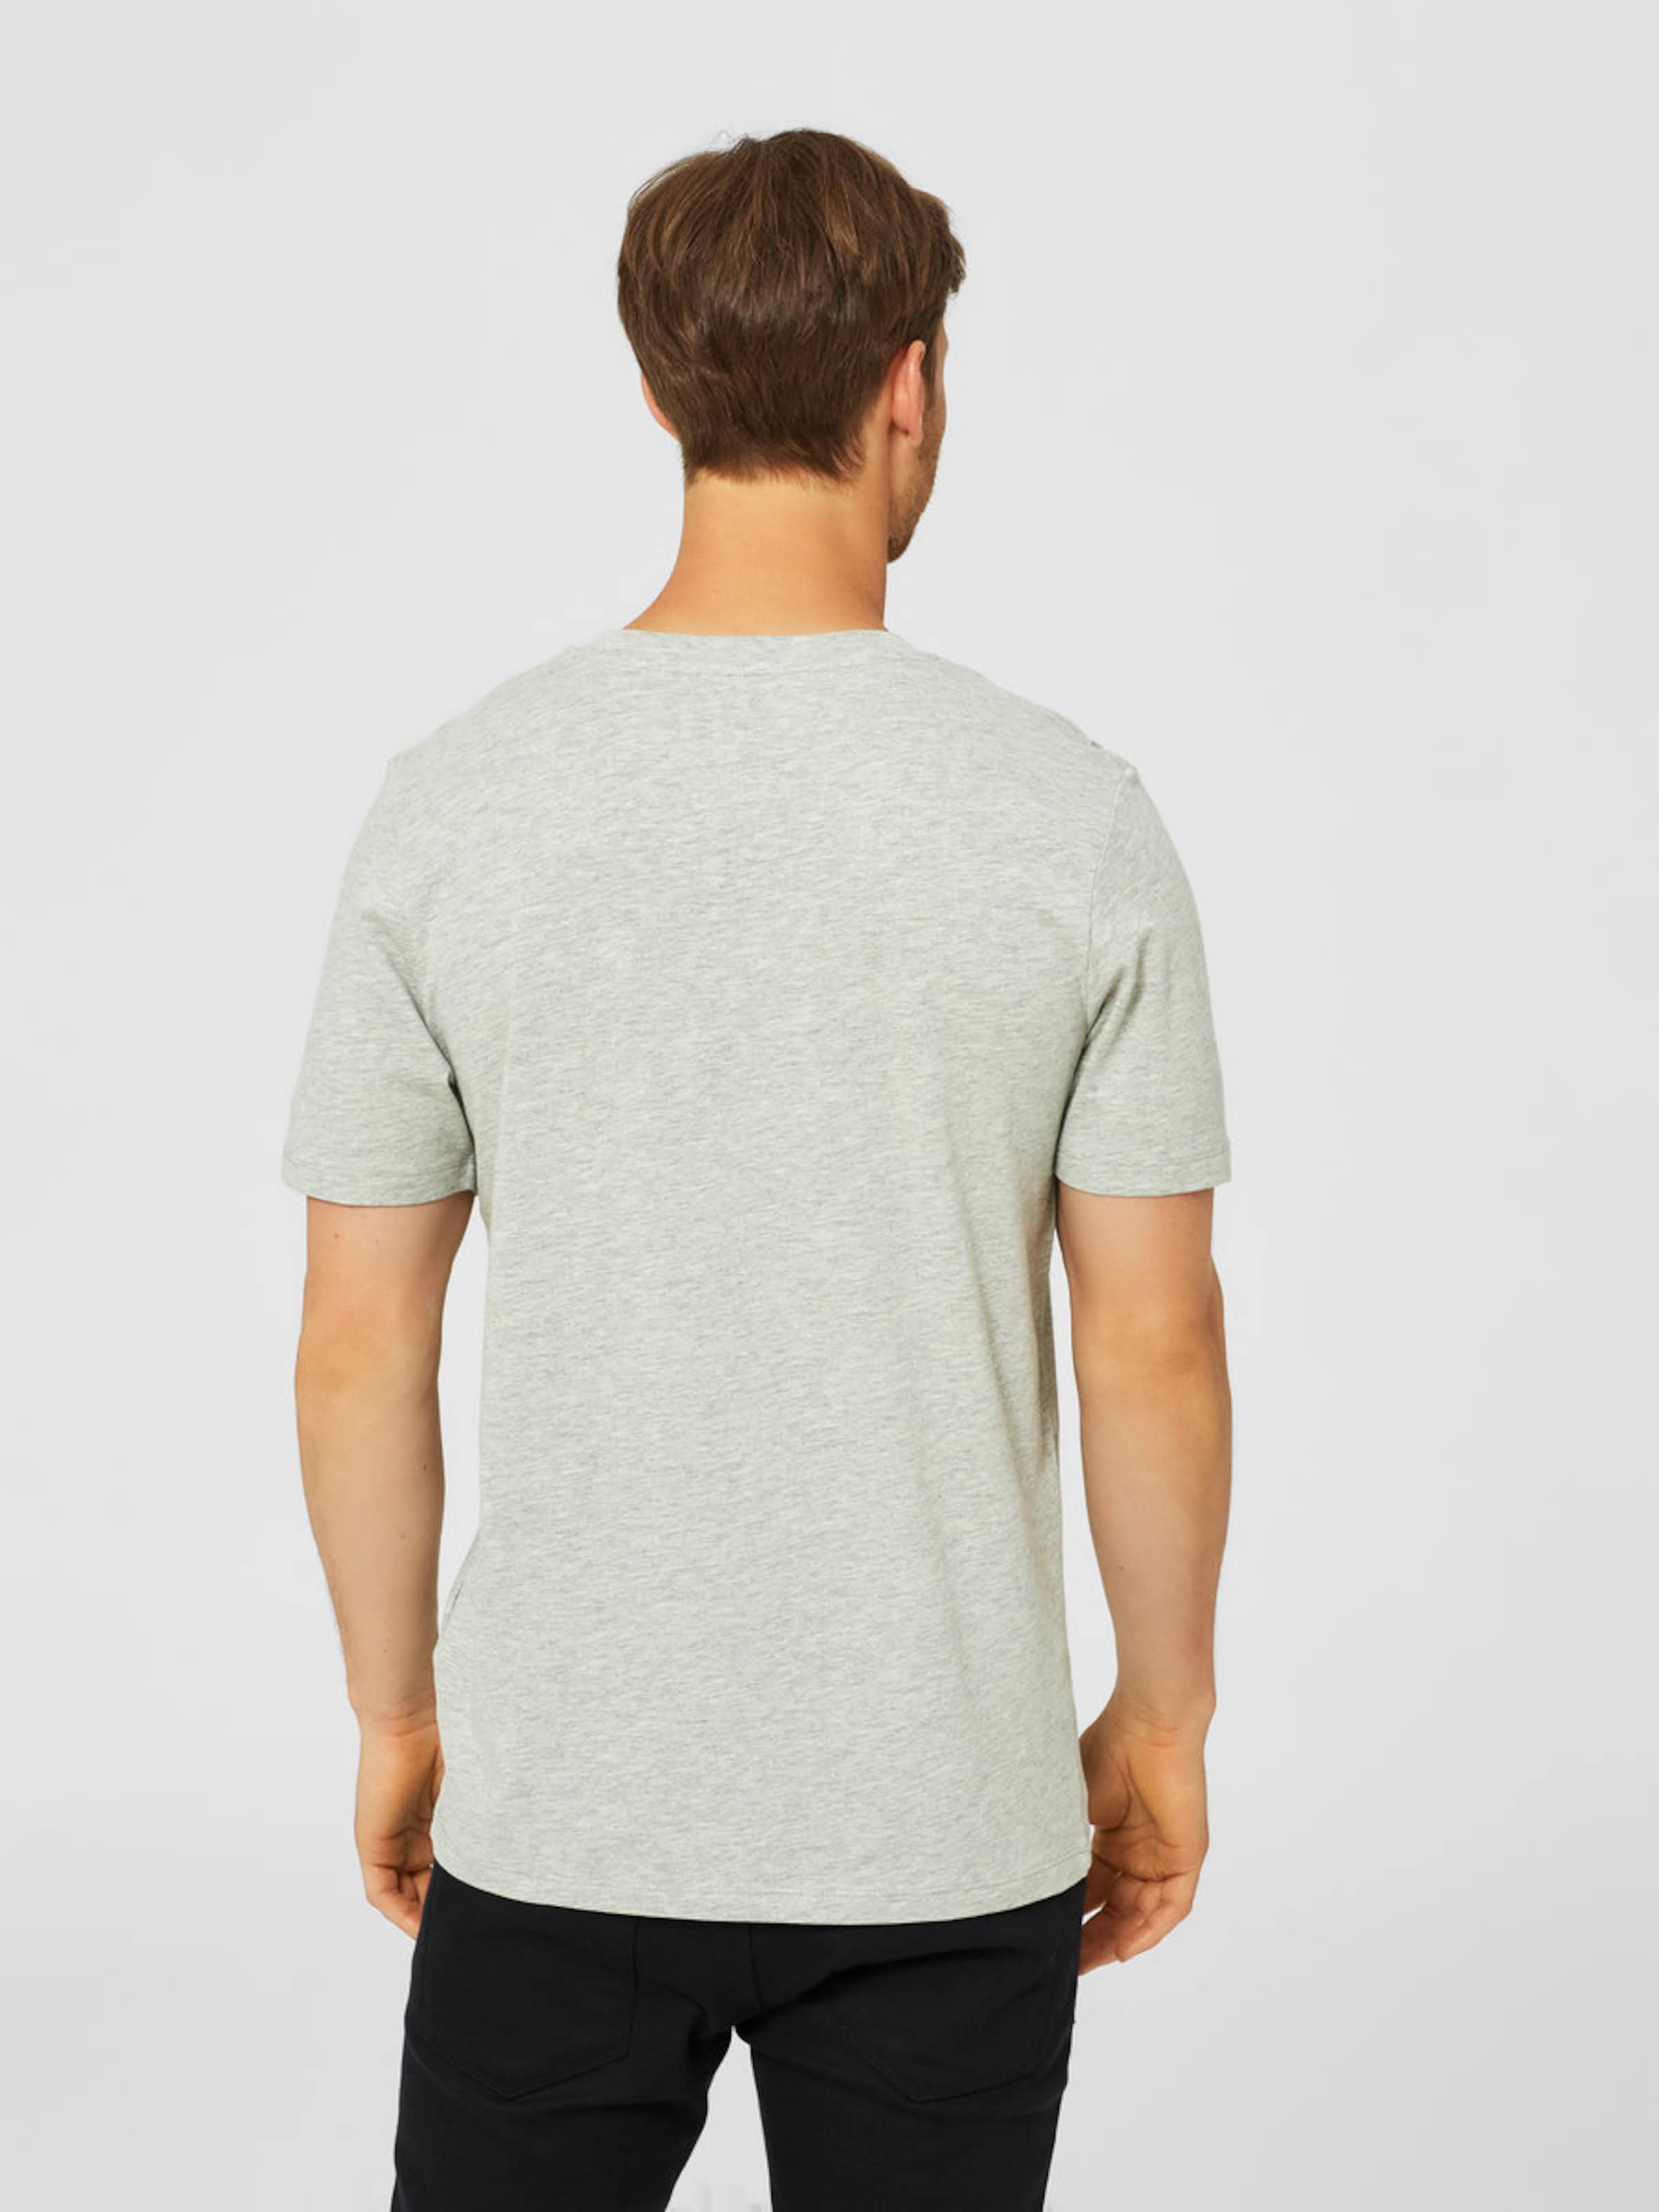 SELECTED HOMME Rundhalsausschnitt-T-Shirt Auf Dem Laufenden Billig Ausverkauf Wie Viel Günstig Online Rabatt Vermarktbare 96mJ2veR